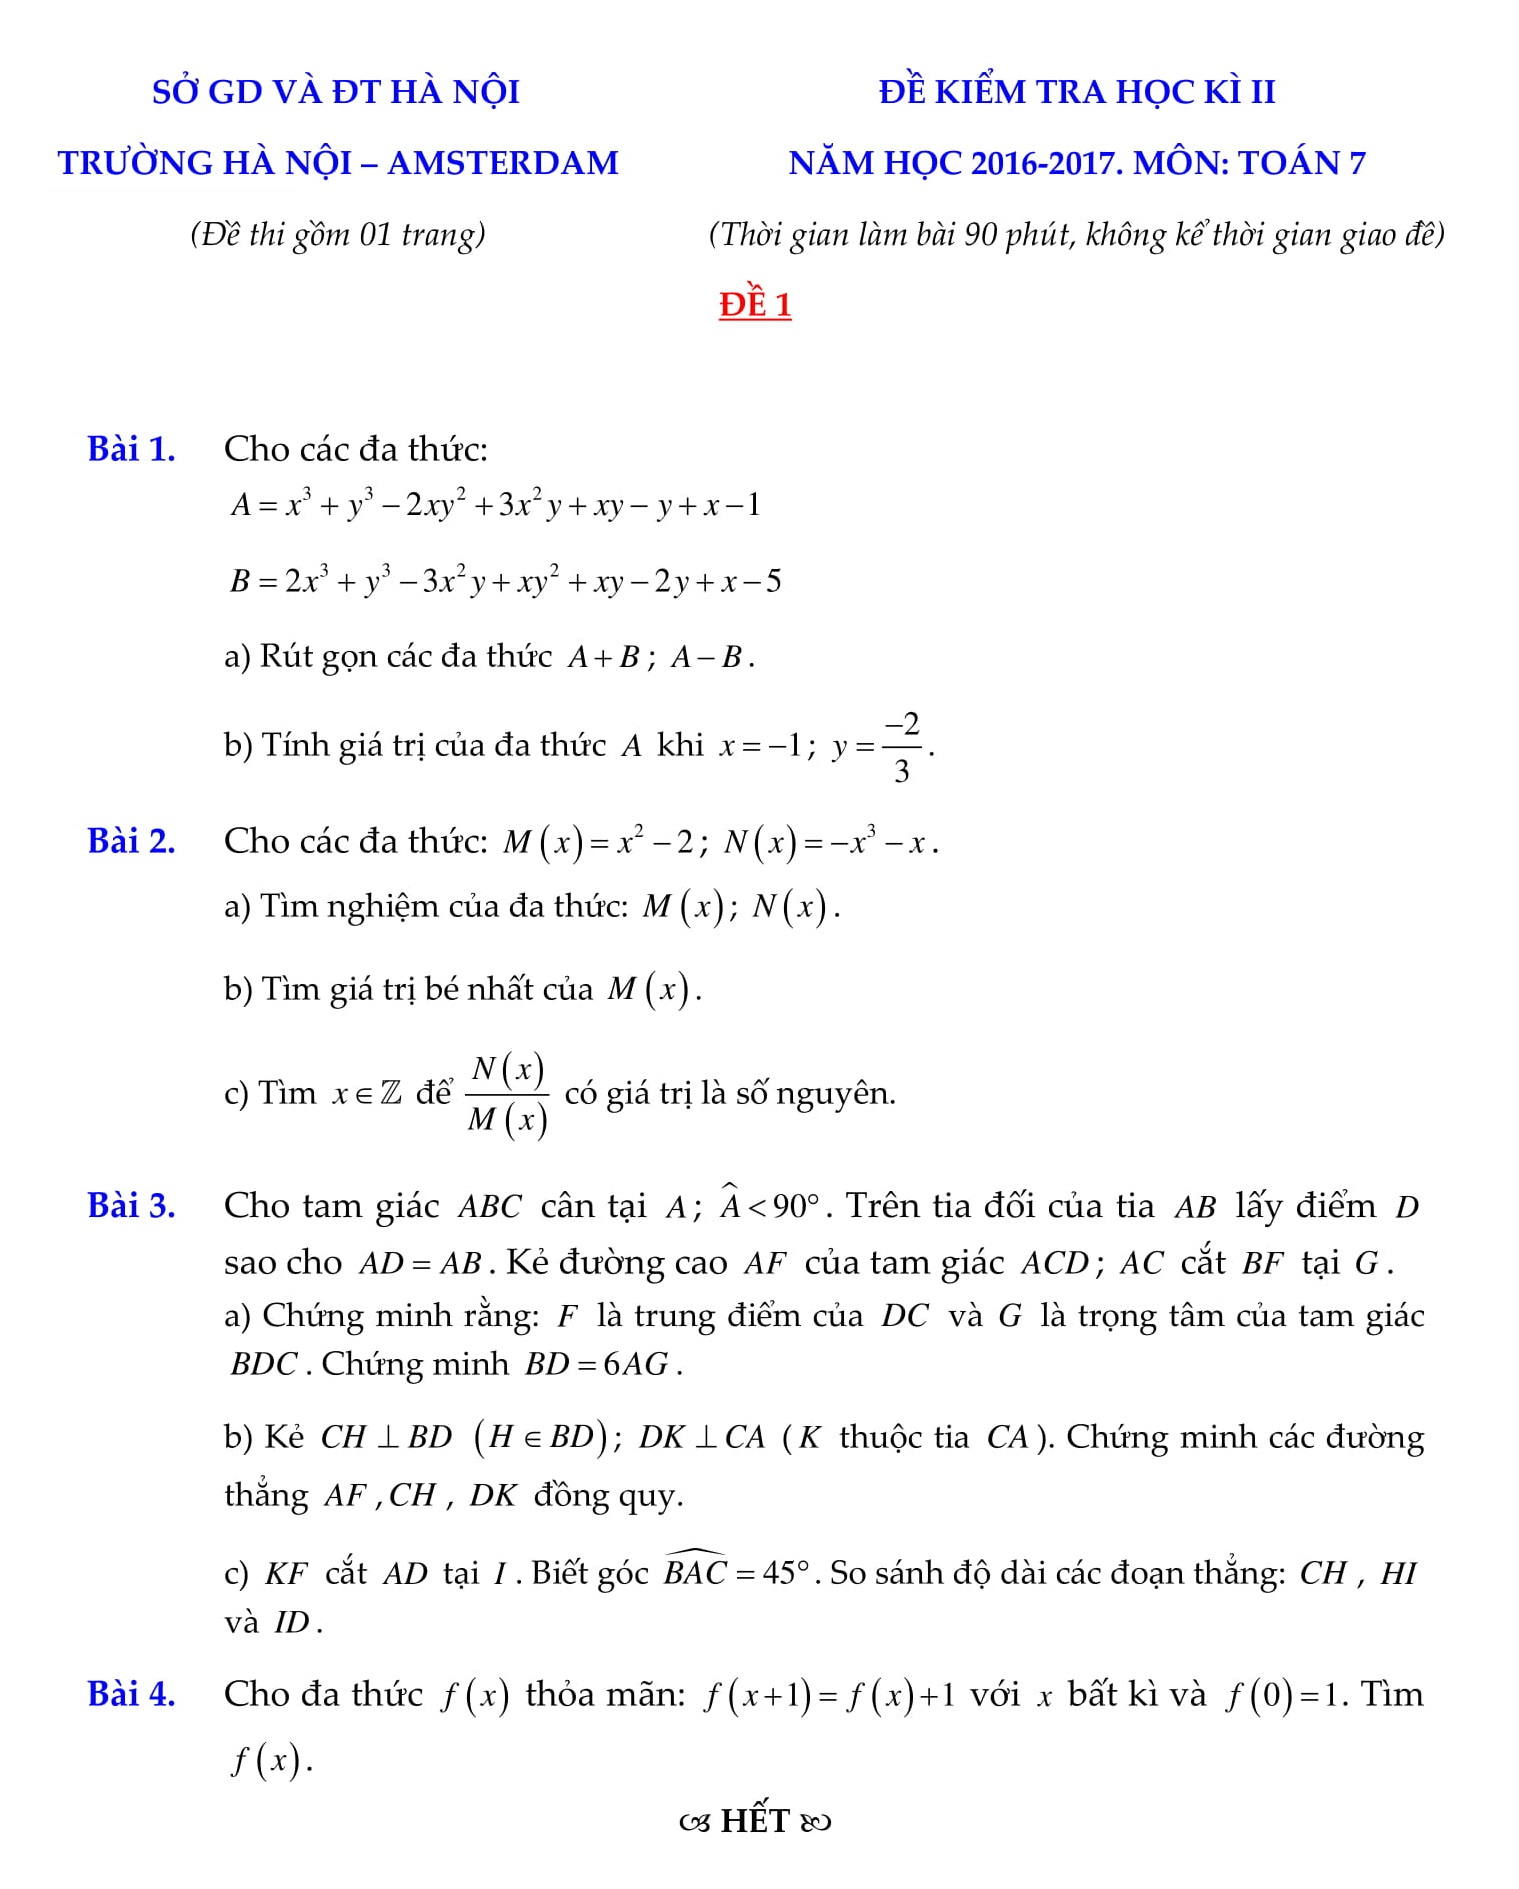 Đề thi HK2 toán 7 có lời giải được tổng hợp